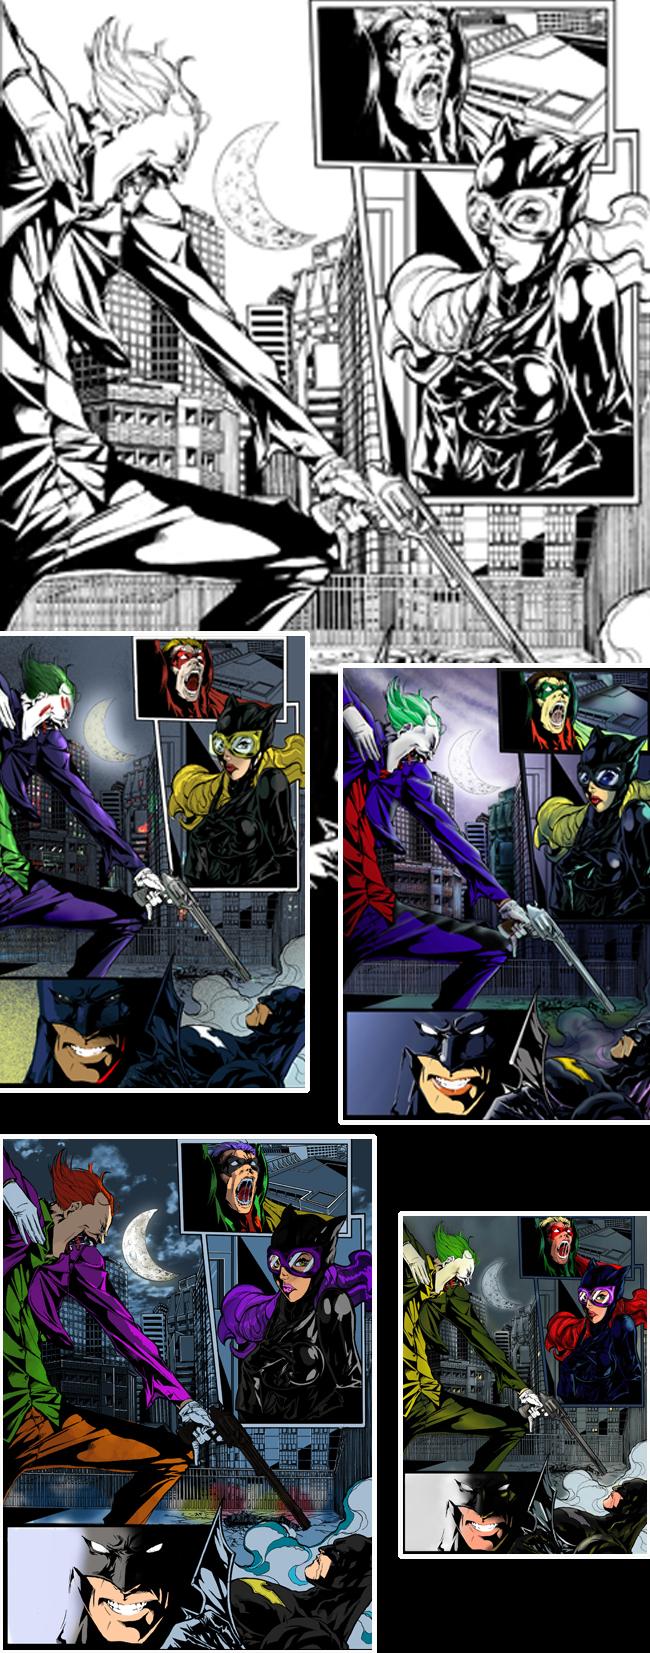 Ilustracion, dibujo y comic digital en Academia C10